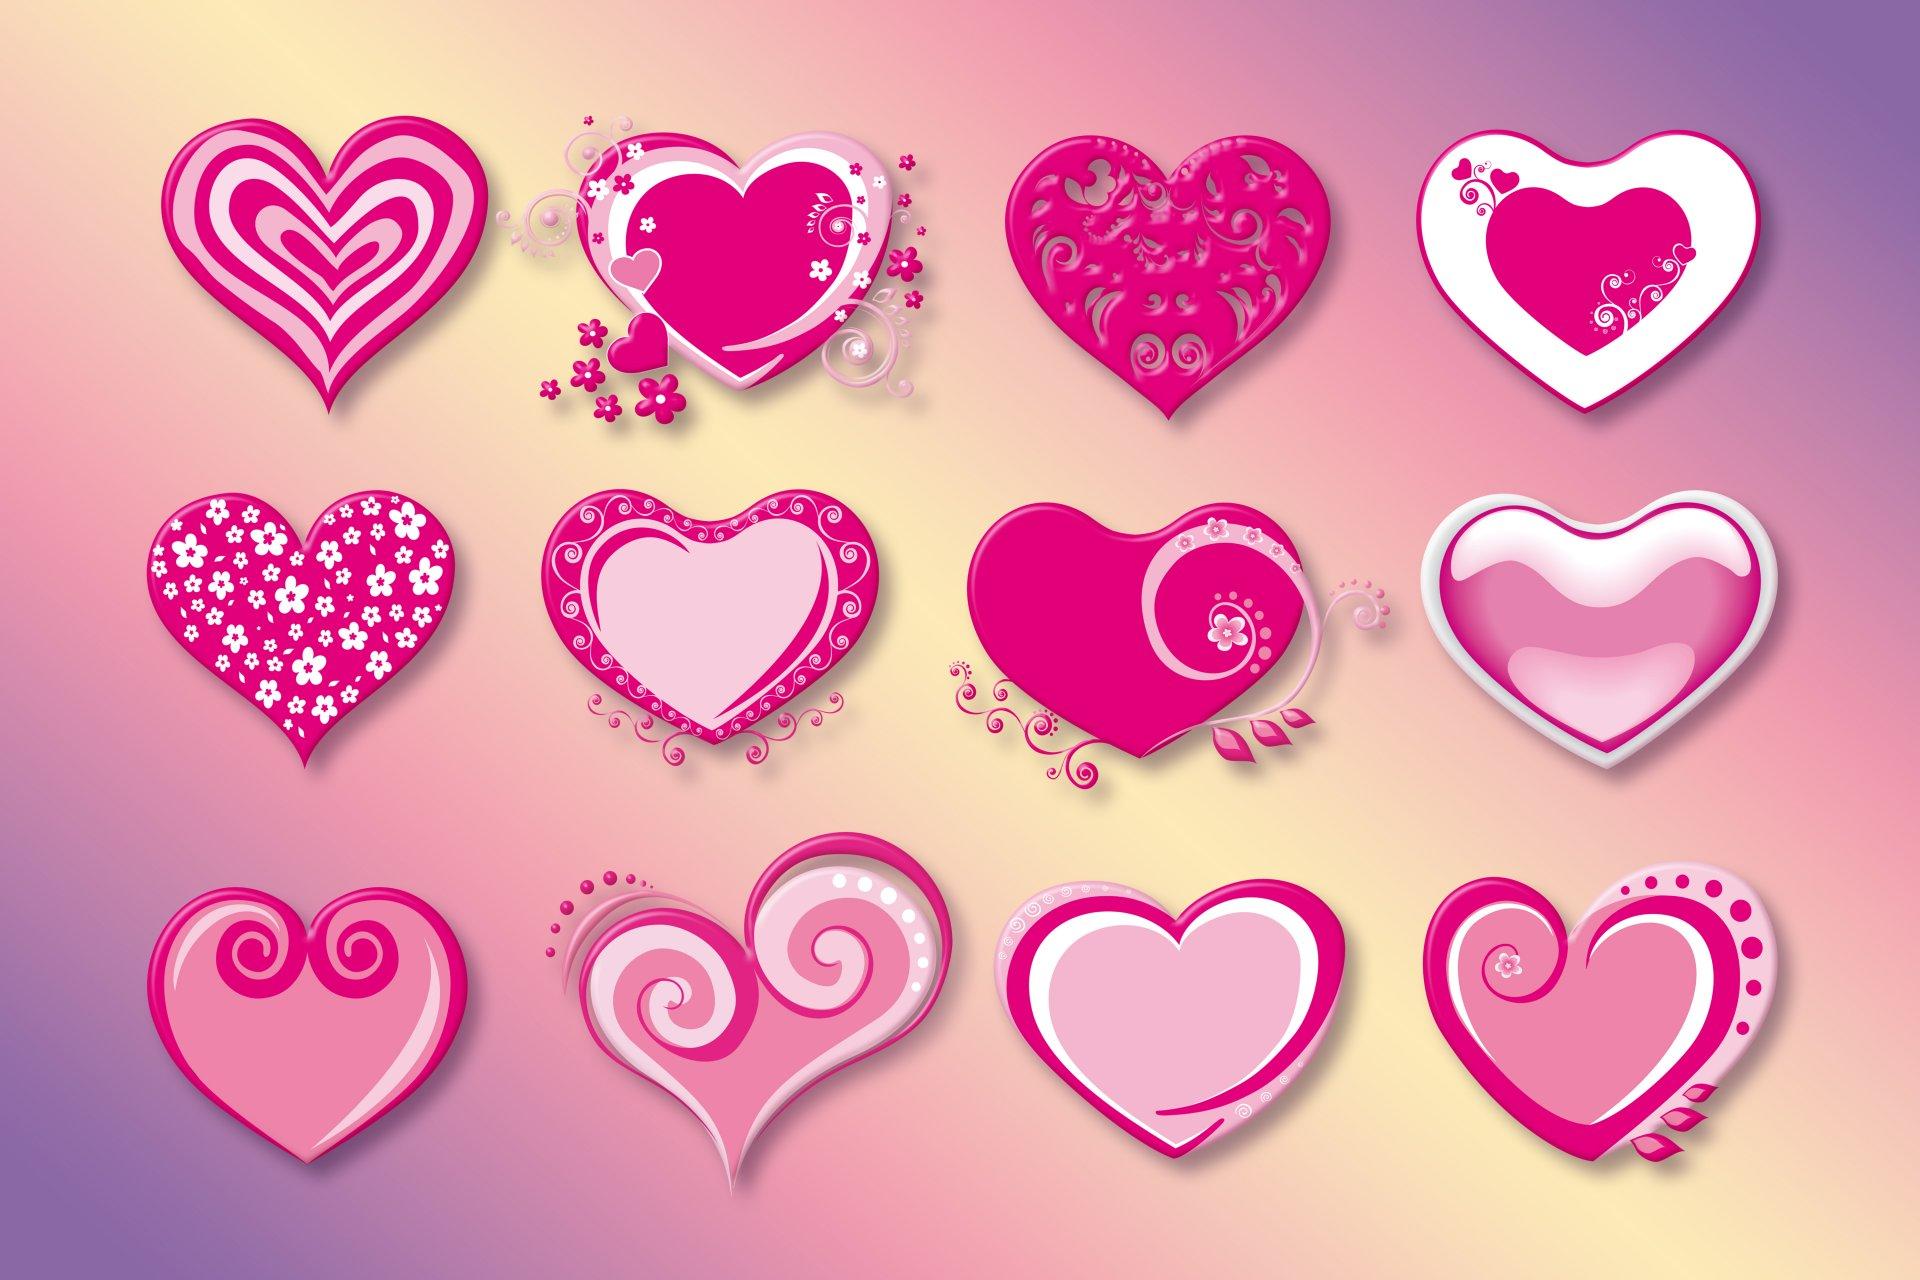 фото рисунки сердечки изготавливаются однотонной